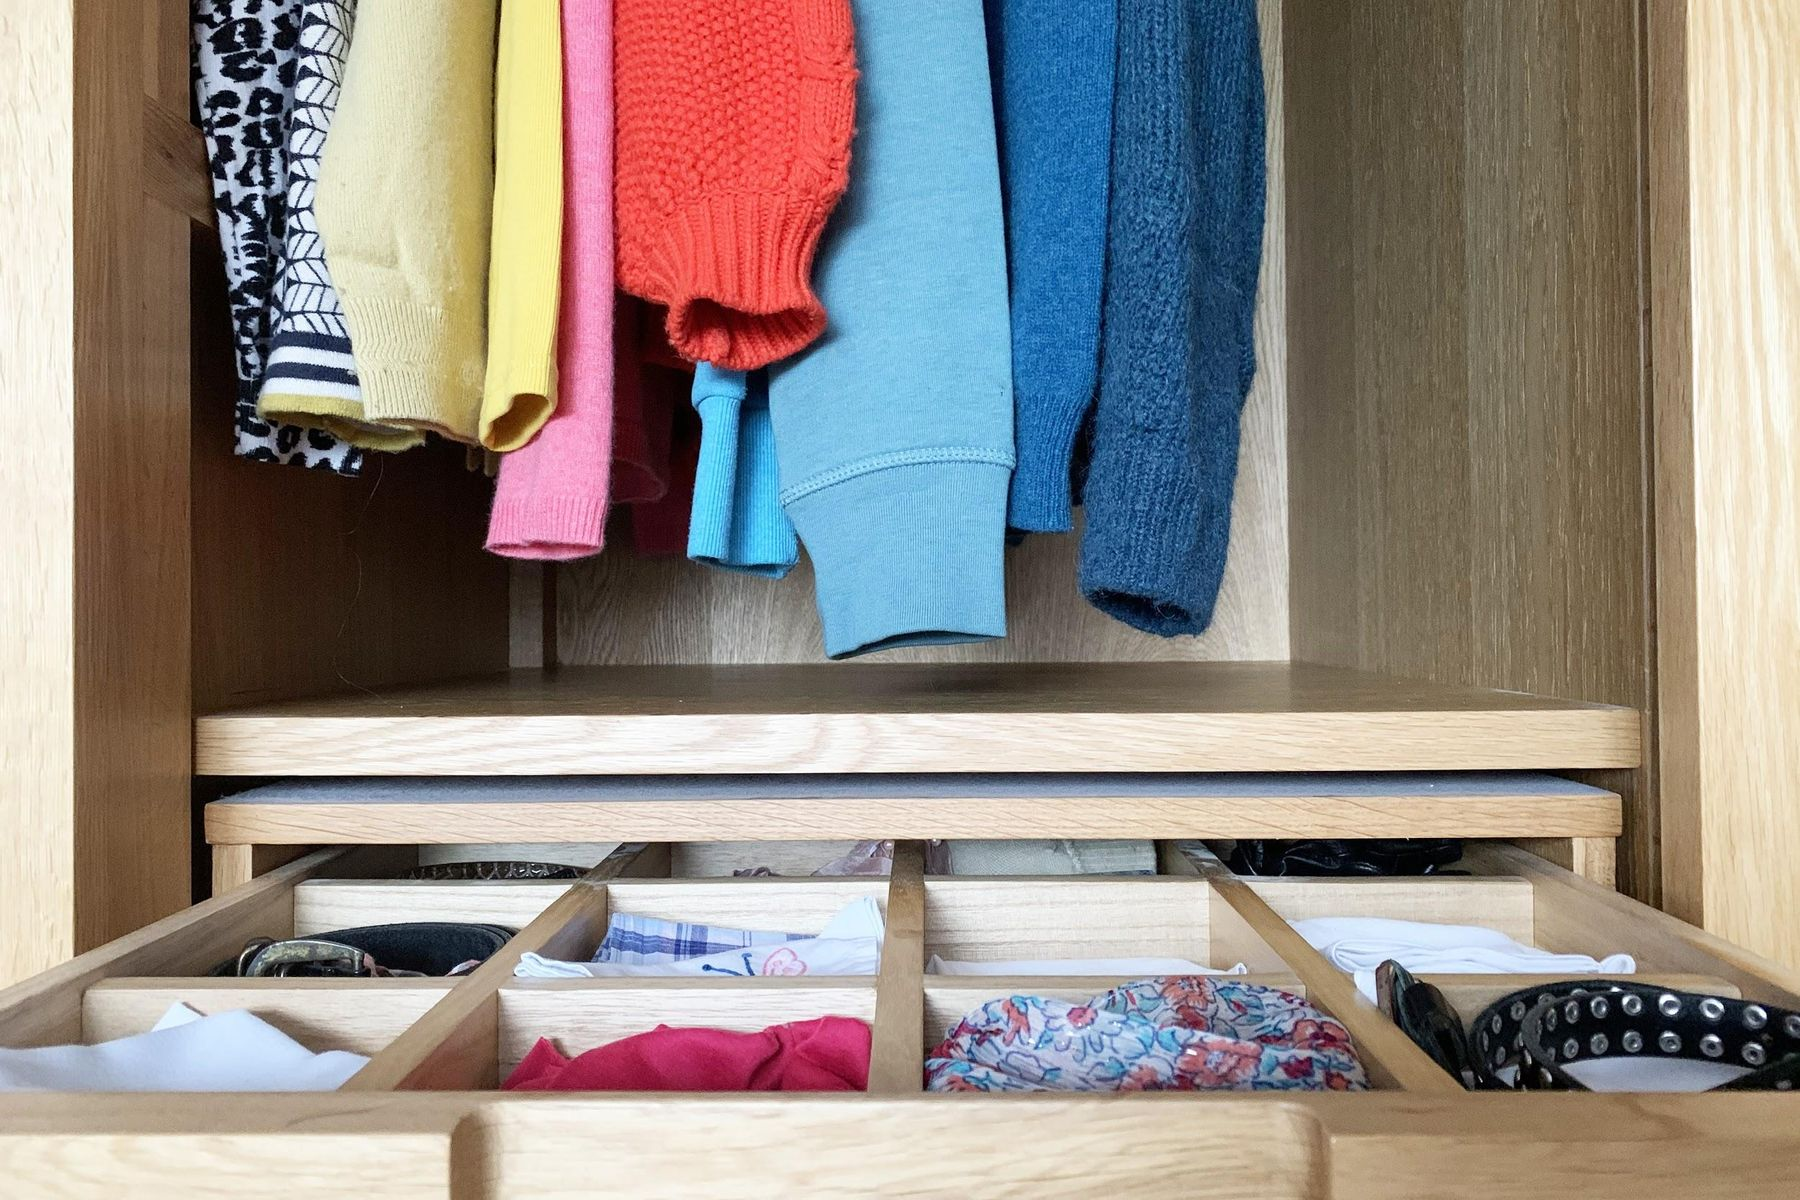 Interior de armário arrumado com roupas coloridas dobradas e penduradas